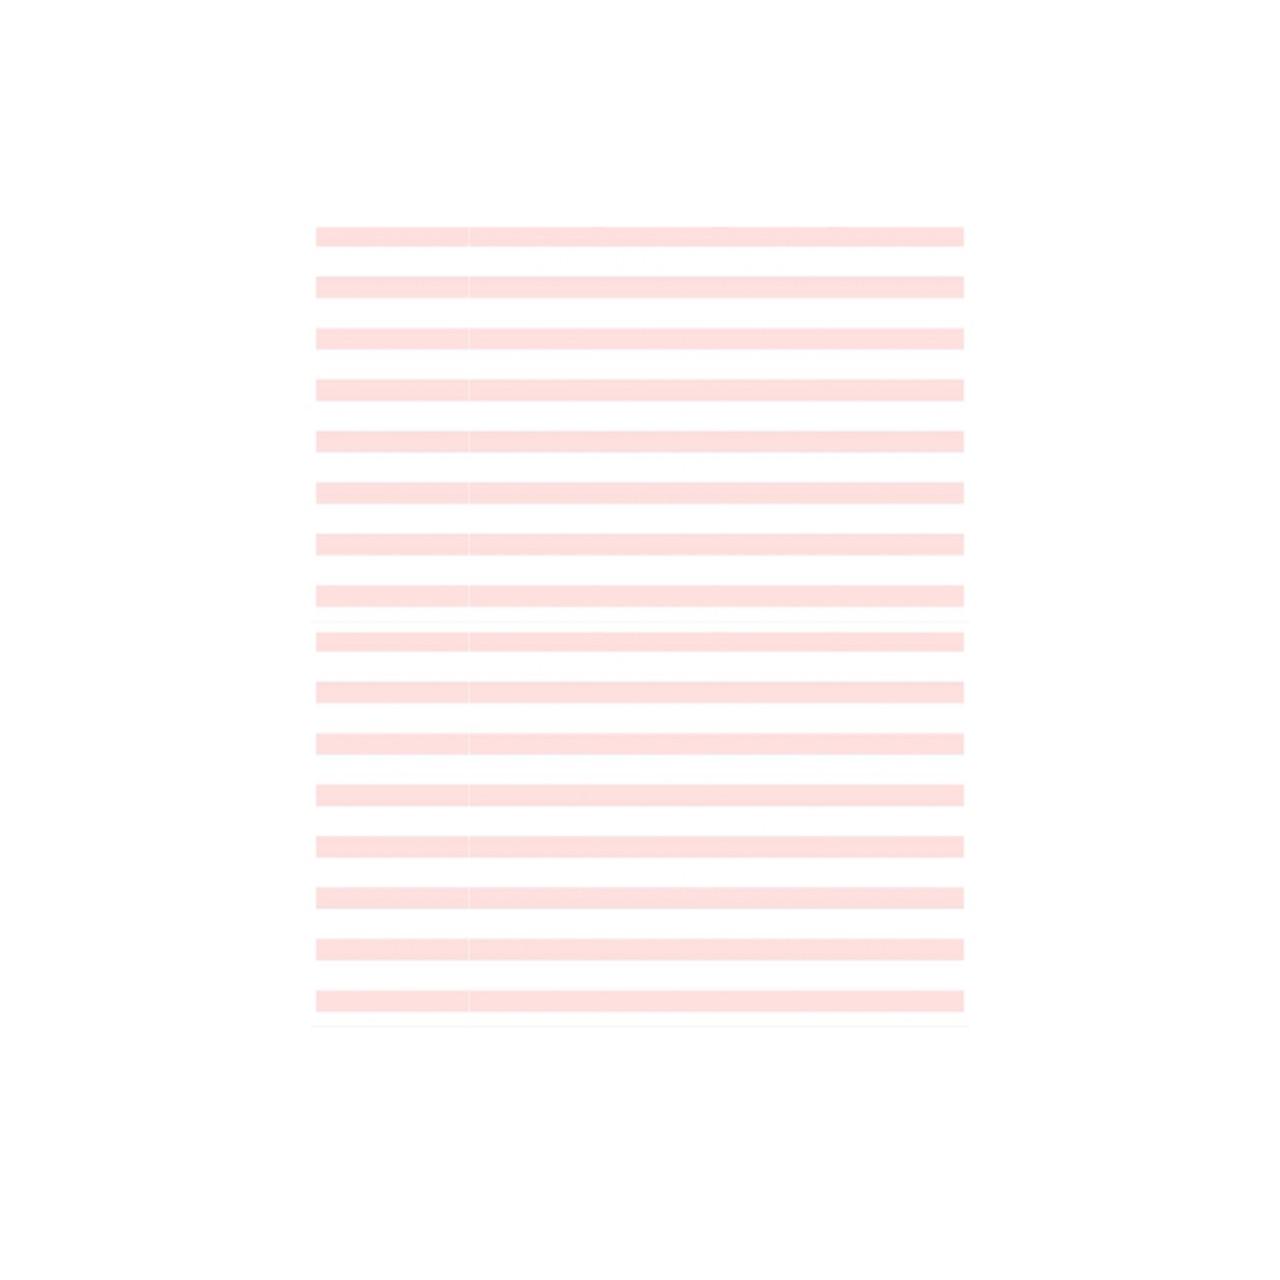 Jogo de lençol mini cama 100% algodão chevron listras rosa